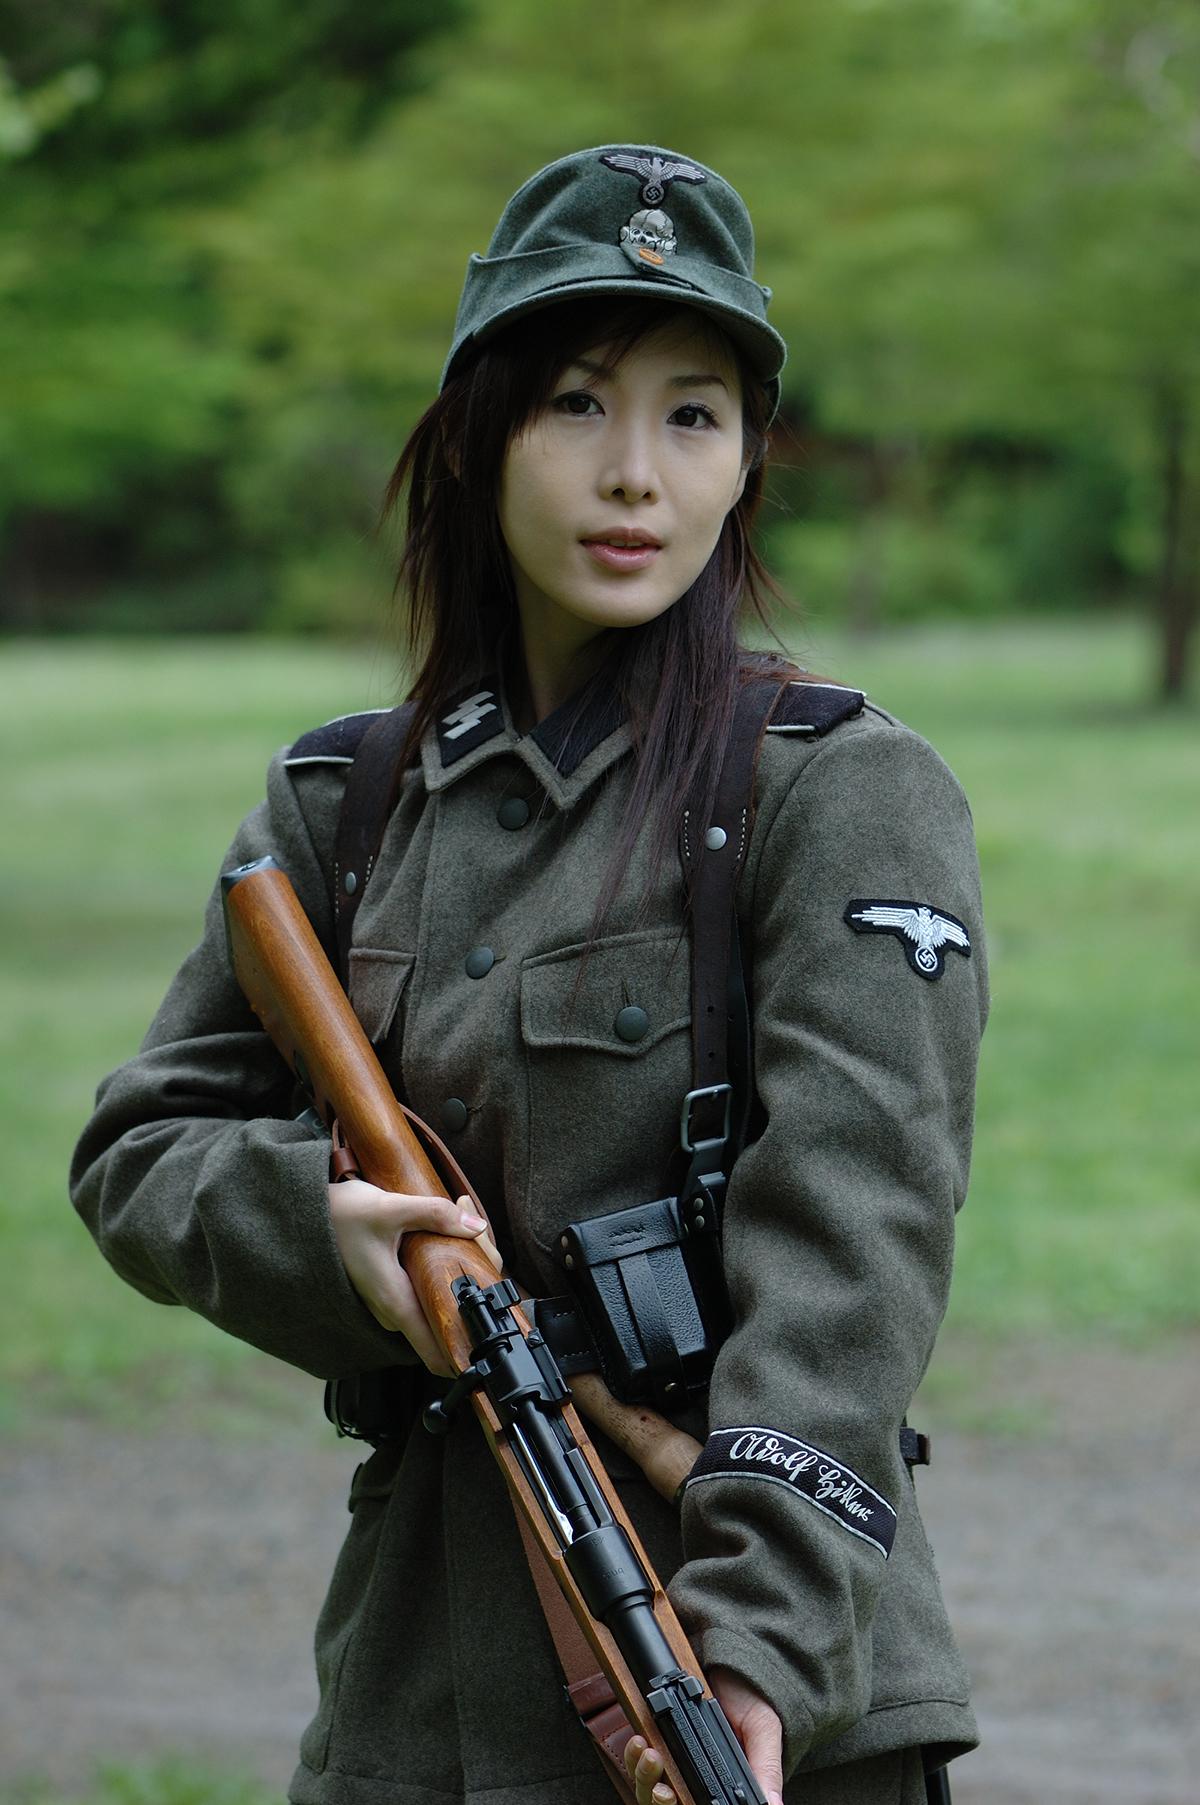 ドイツ軍コスプレ写真集【Vol.3】